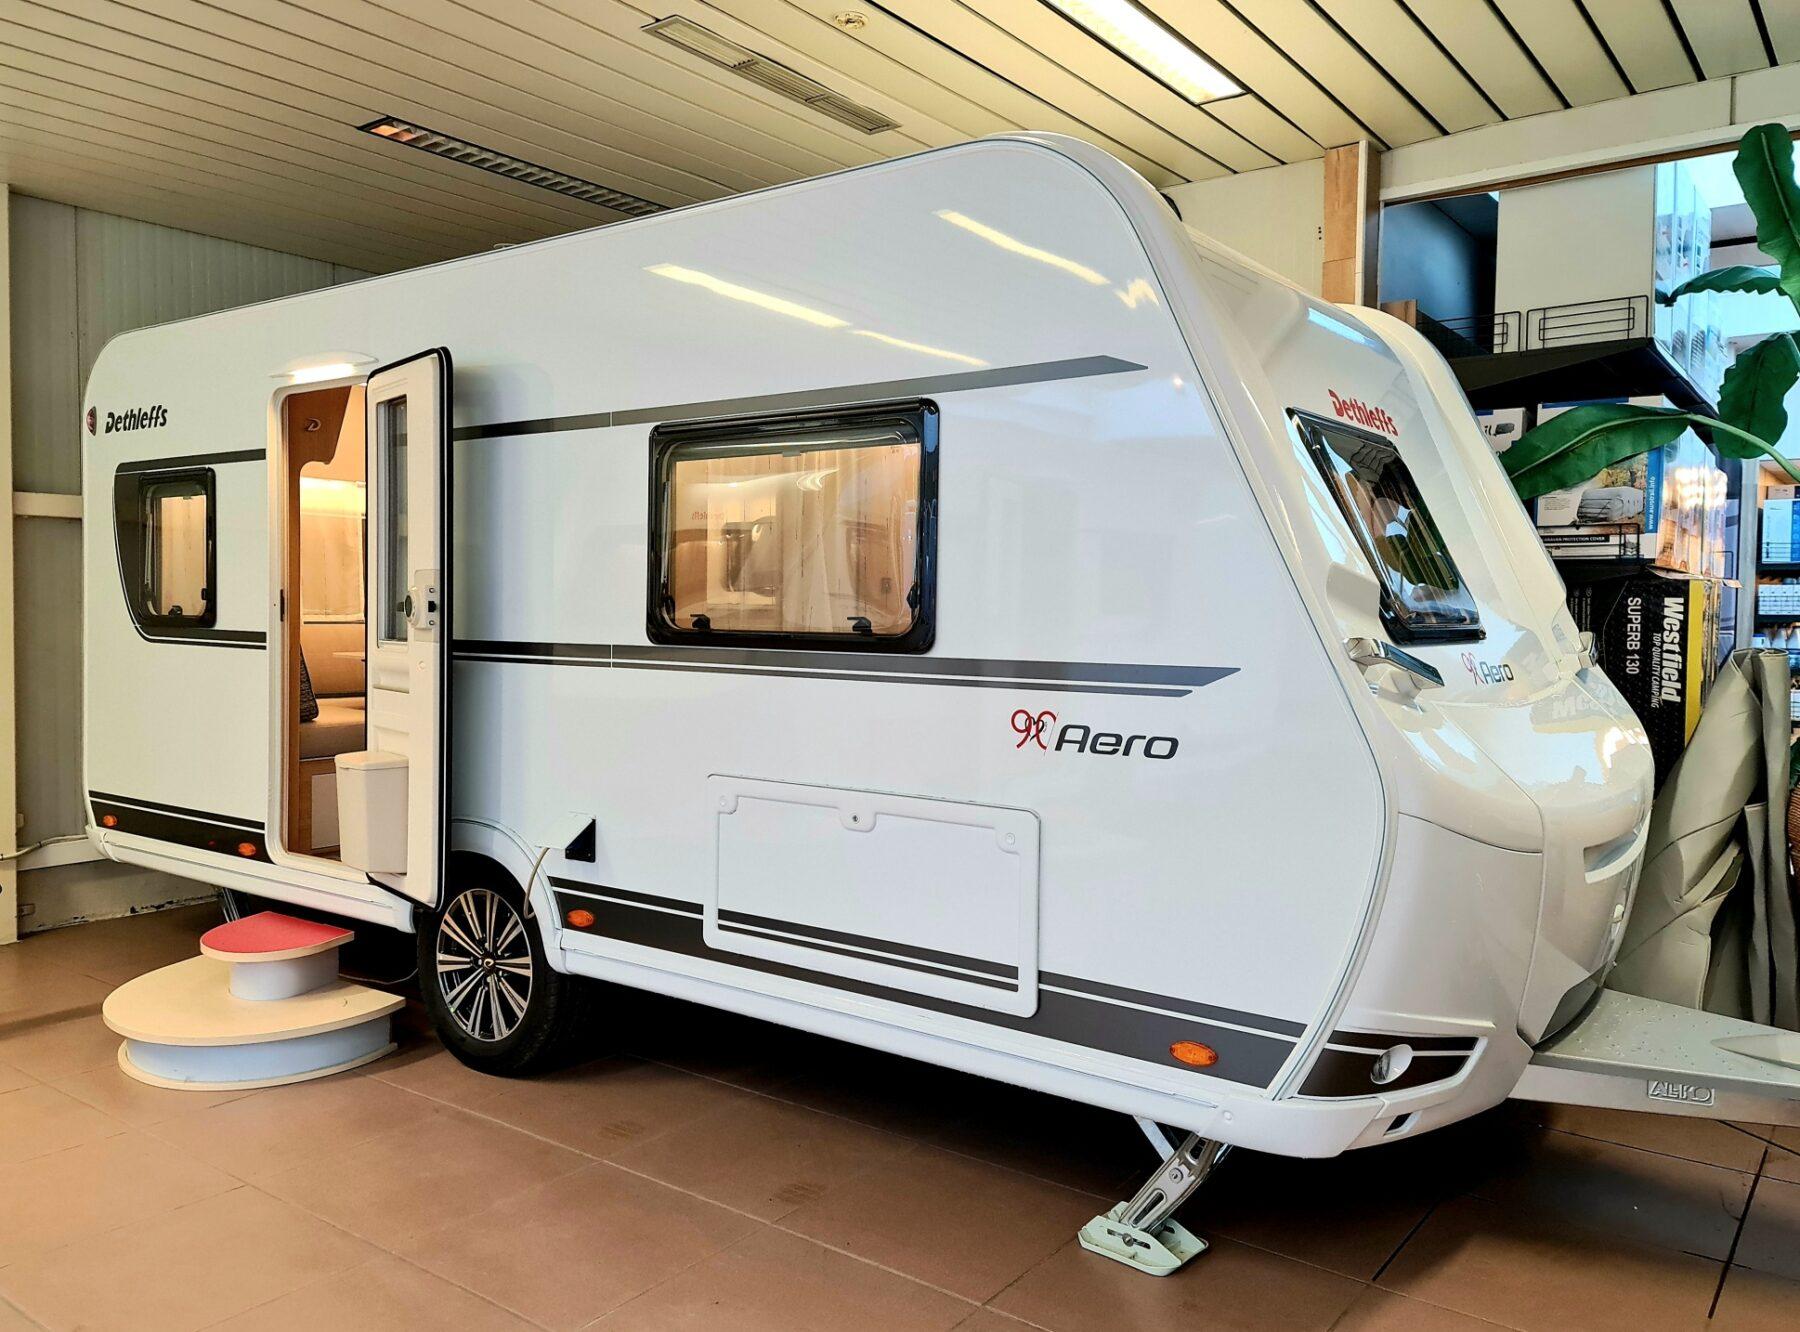 campingtrend.nl – Aero is een heerlijk jubileummodel